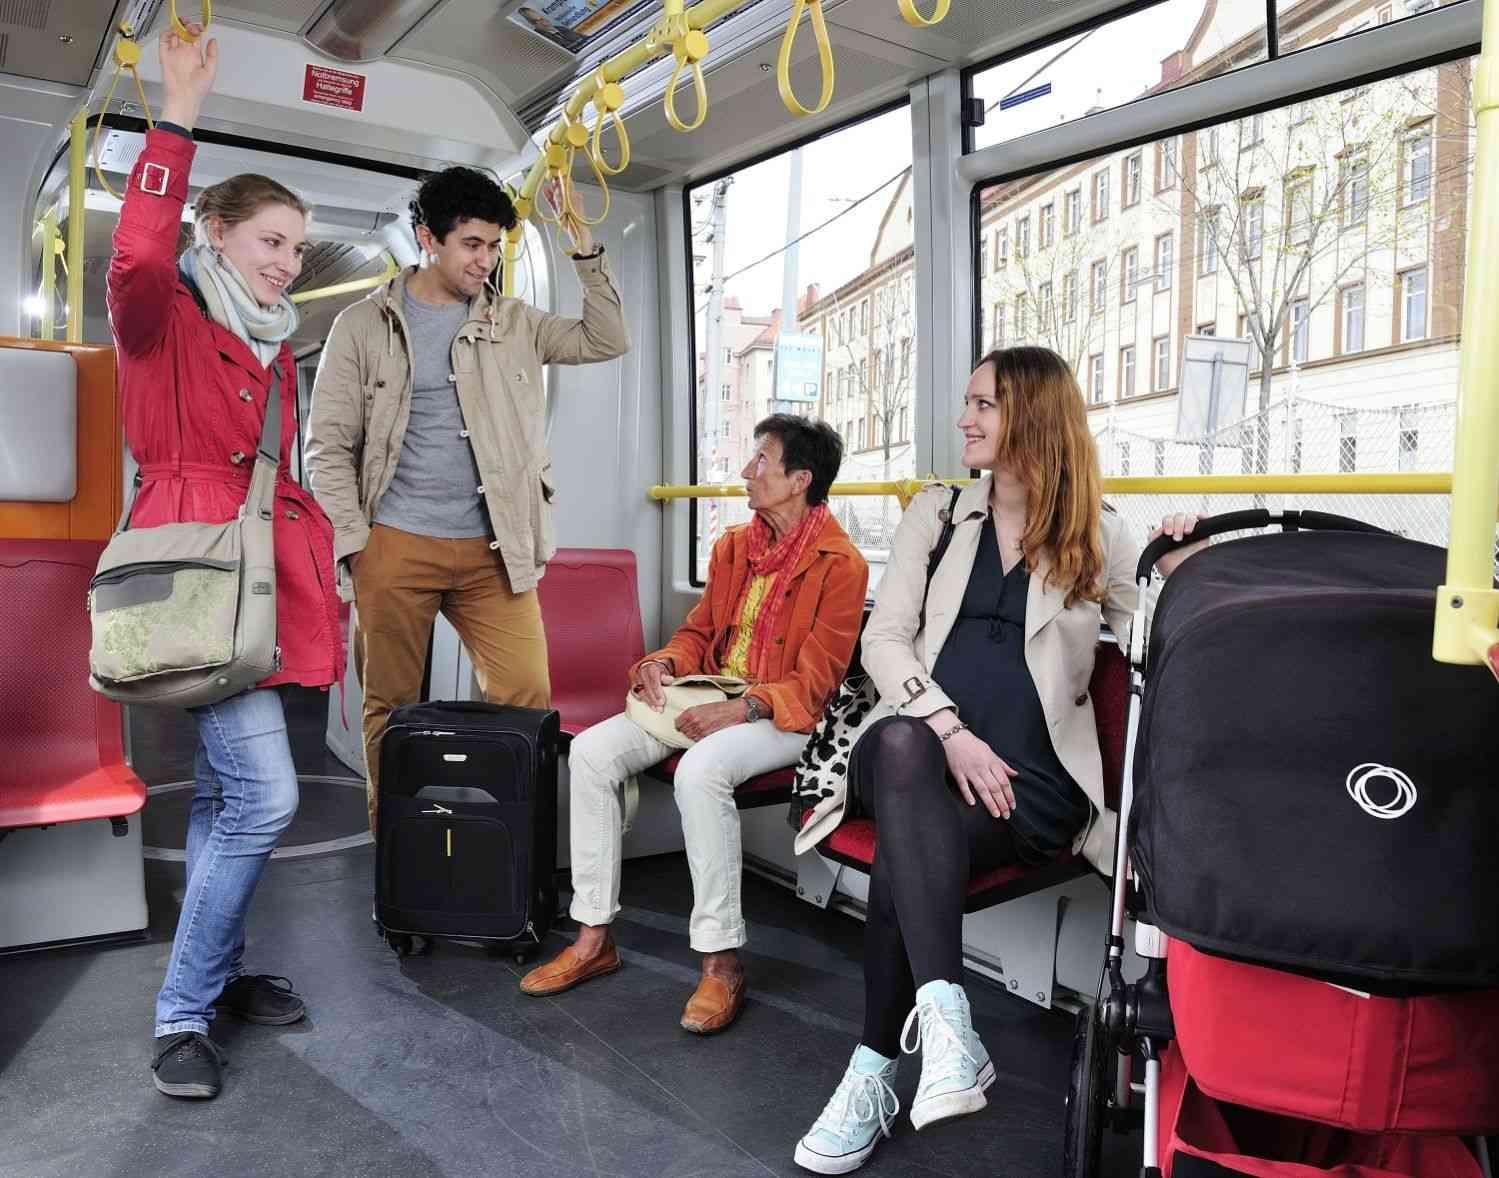 Mehr Platz für Eltern mit Kinderwägen, für Gepäck und Rollstühle - die neuen Fahrzeuge bieten mehr Platz für jede Lebenslage.